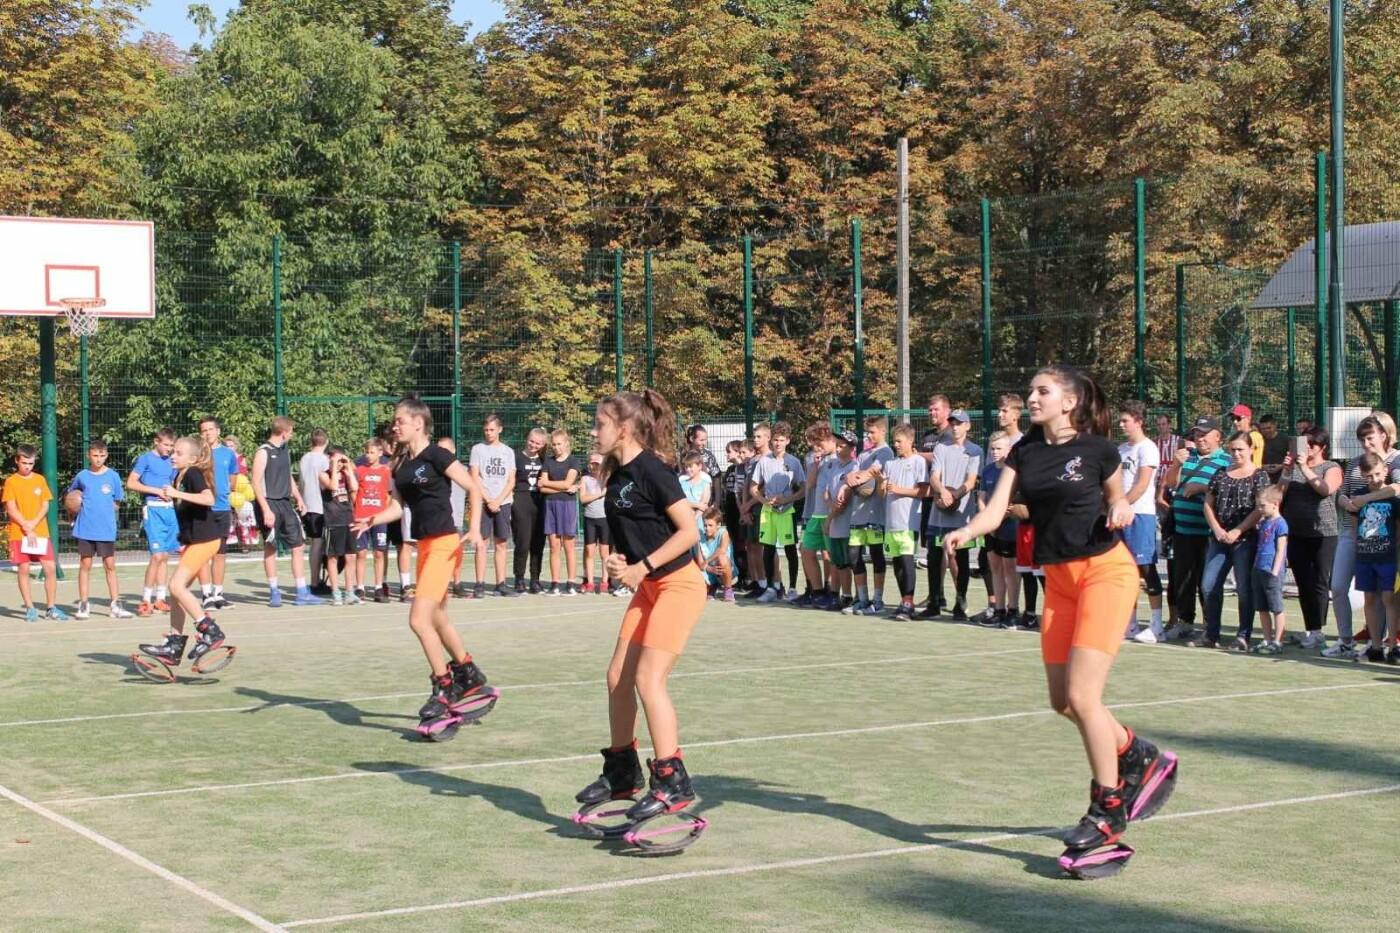 Турнир в День города: в Лозовой больше ста баскетболистов сыграли в стритбол, фото-4